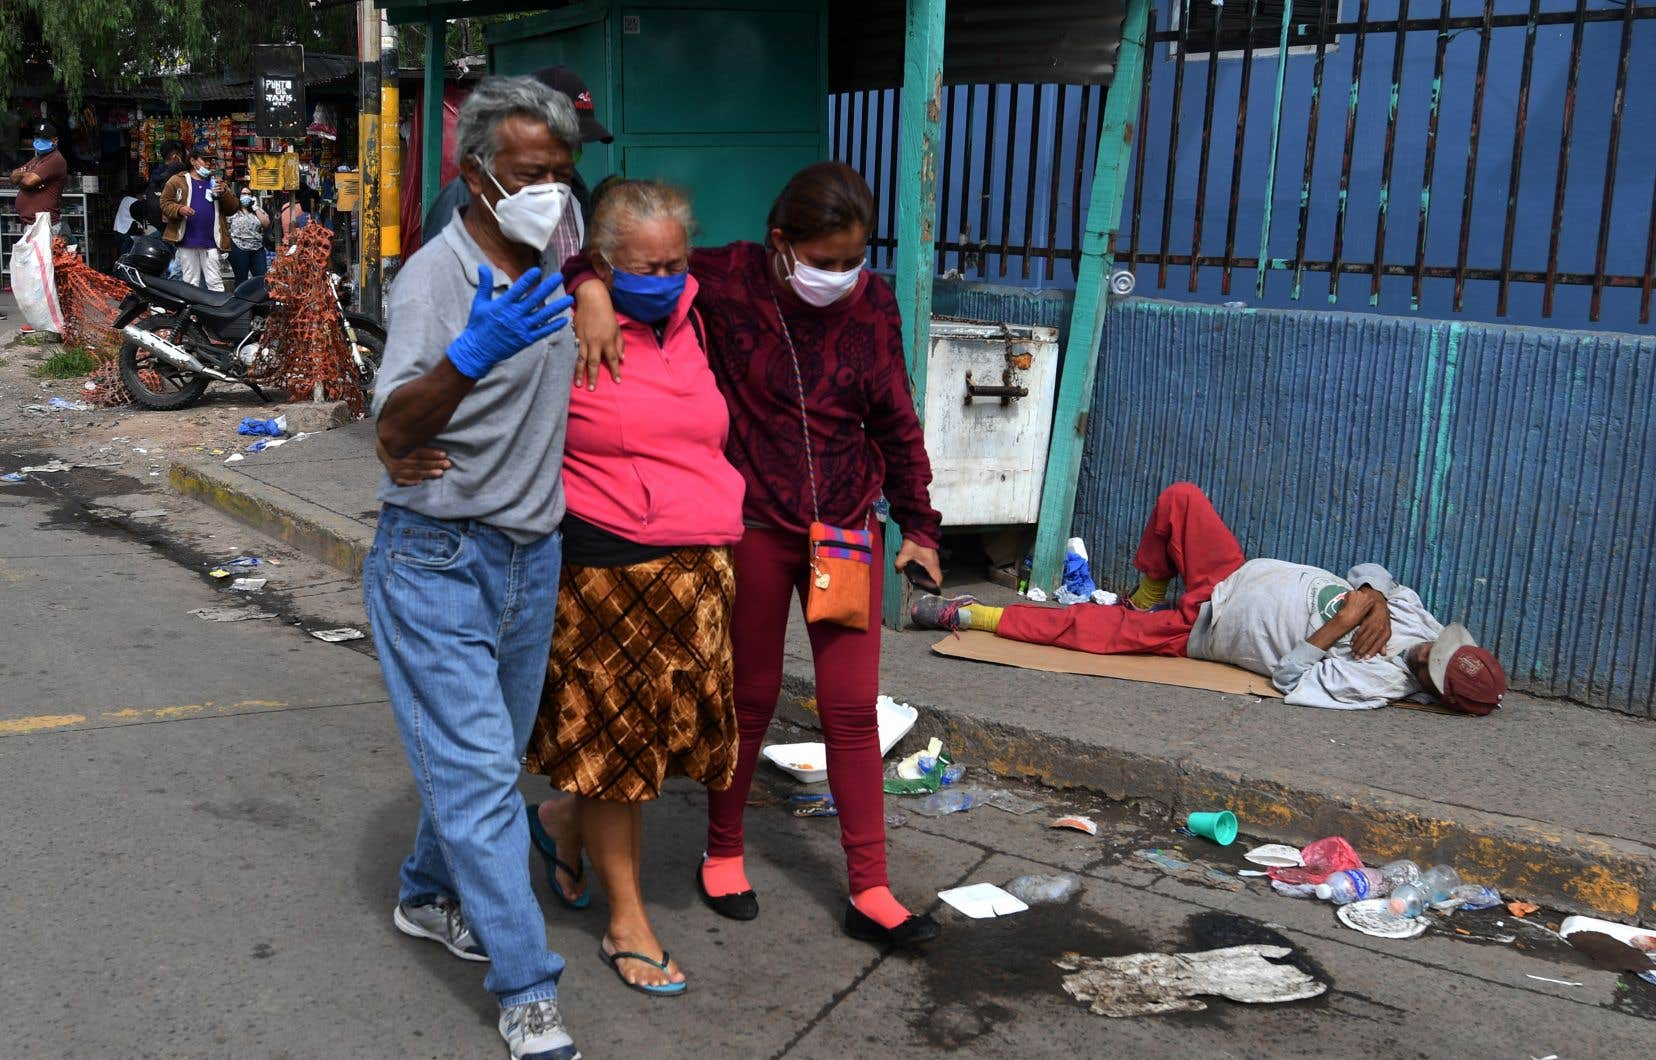 La pandémie continue aussi de faire rage en Amérique latine et aux Caraïbes, qui ont franchi la barre des 80000 décès. Le Honduras (photo) a rapporté plus de 300 décès.